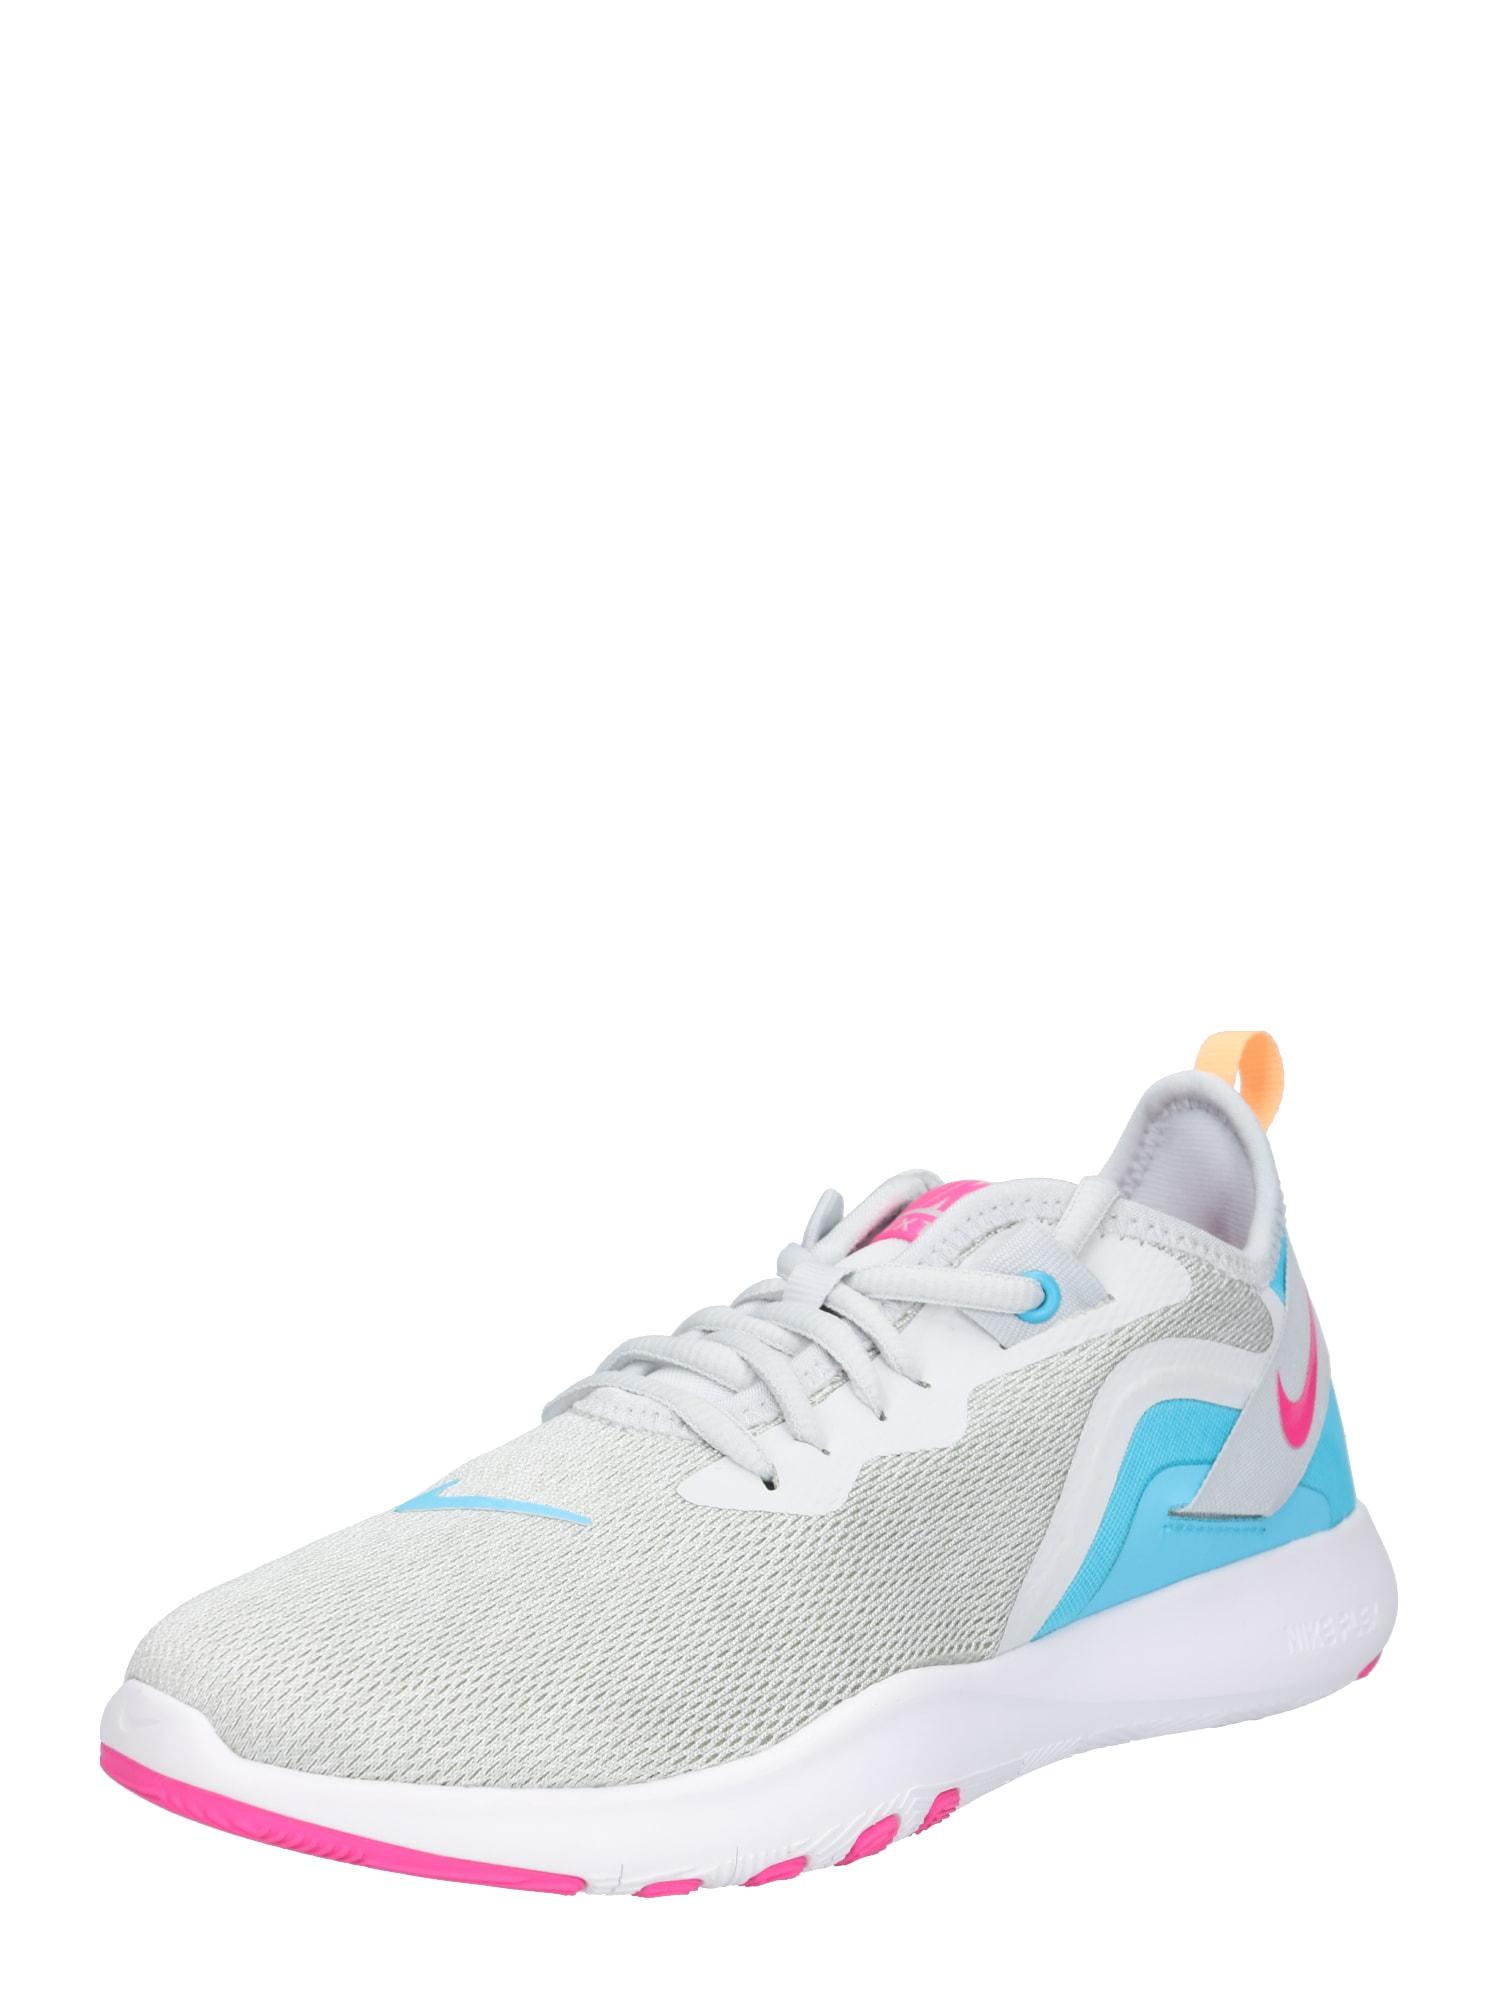 Sportovní boty Nike Flex TR 9 modrá šedá pink bílá NIKE